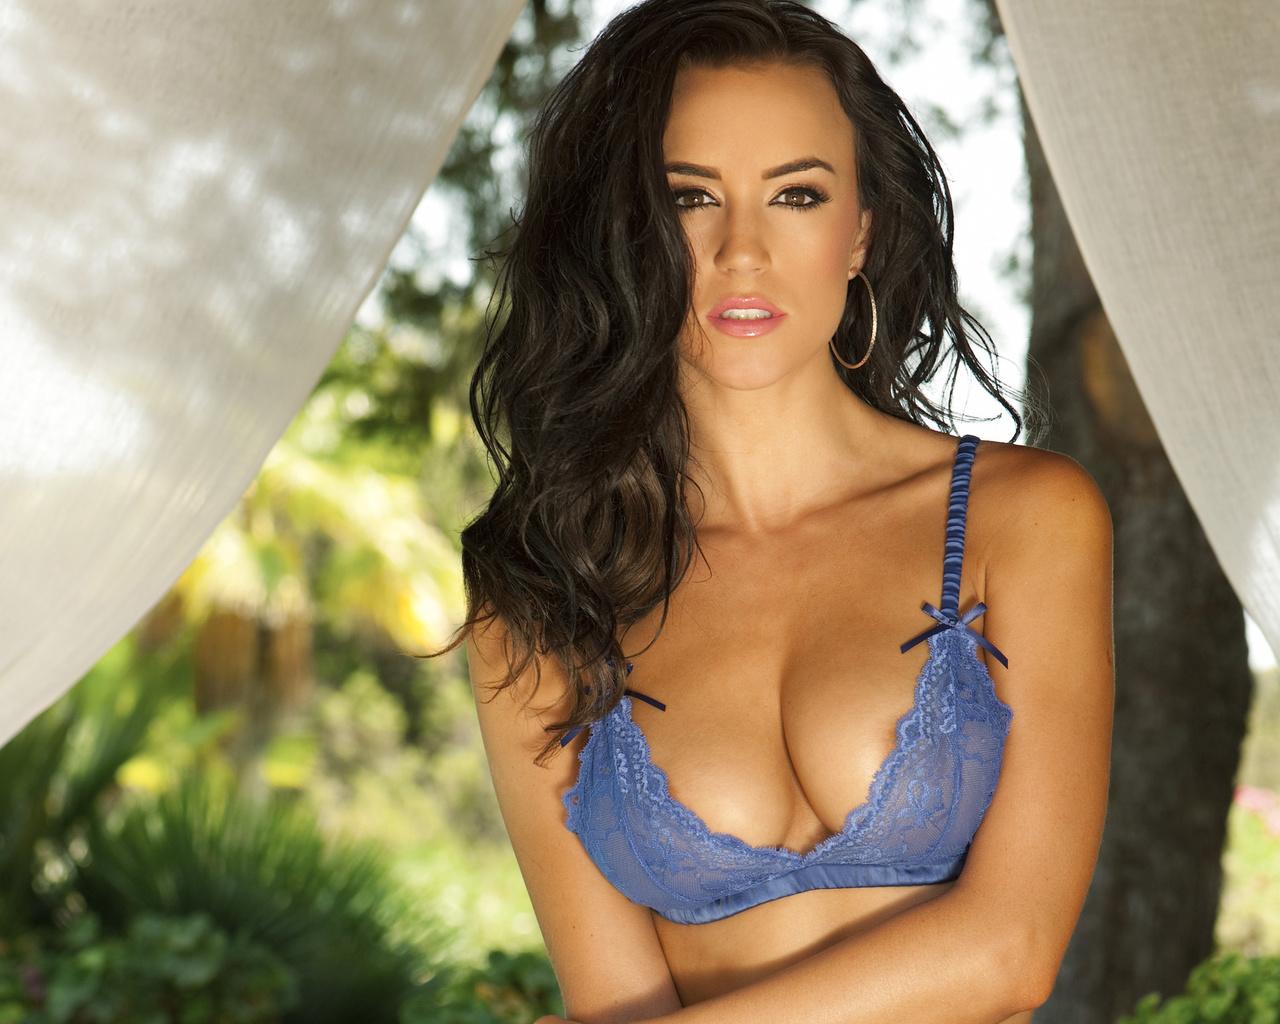 Смотреть груди девушек, Женская красивая грудь (сиськи), смотреть онлайн 22 фотография